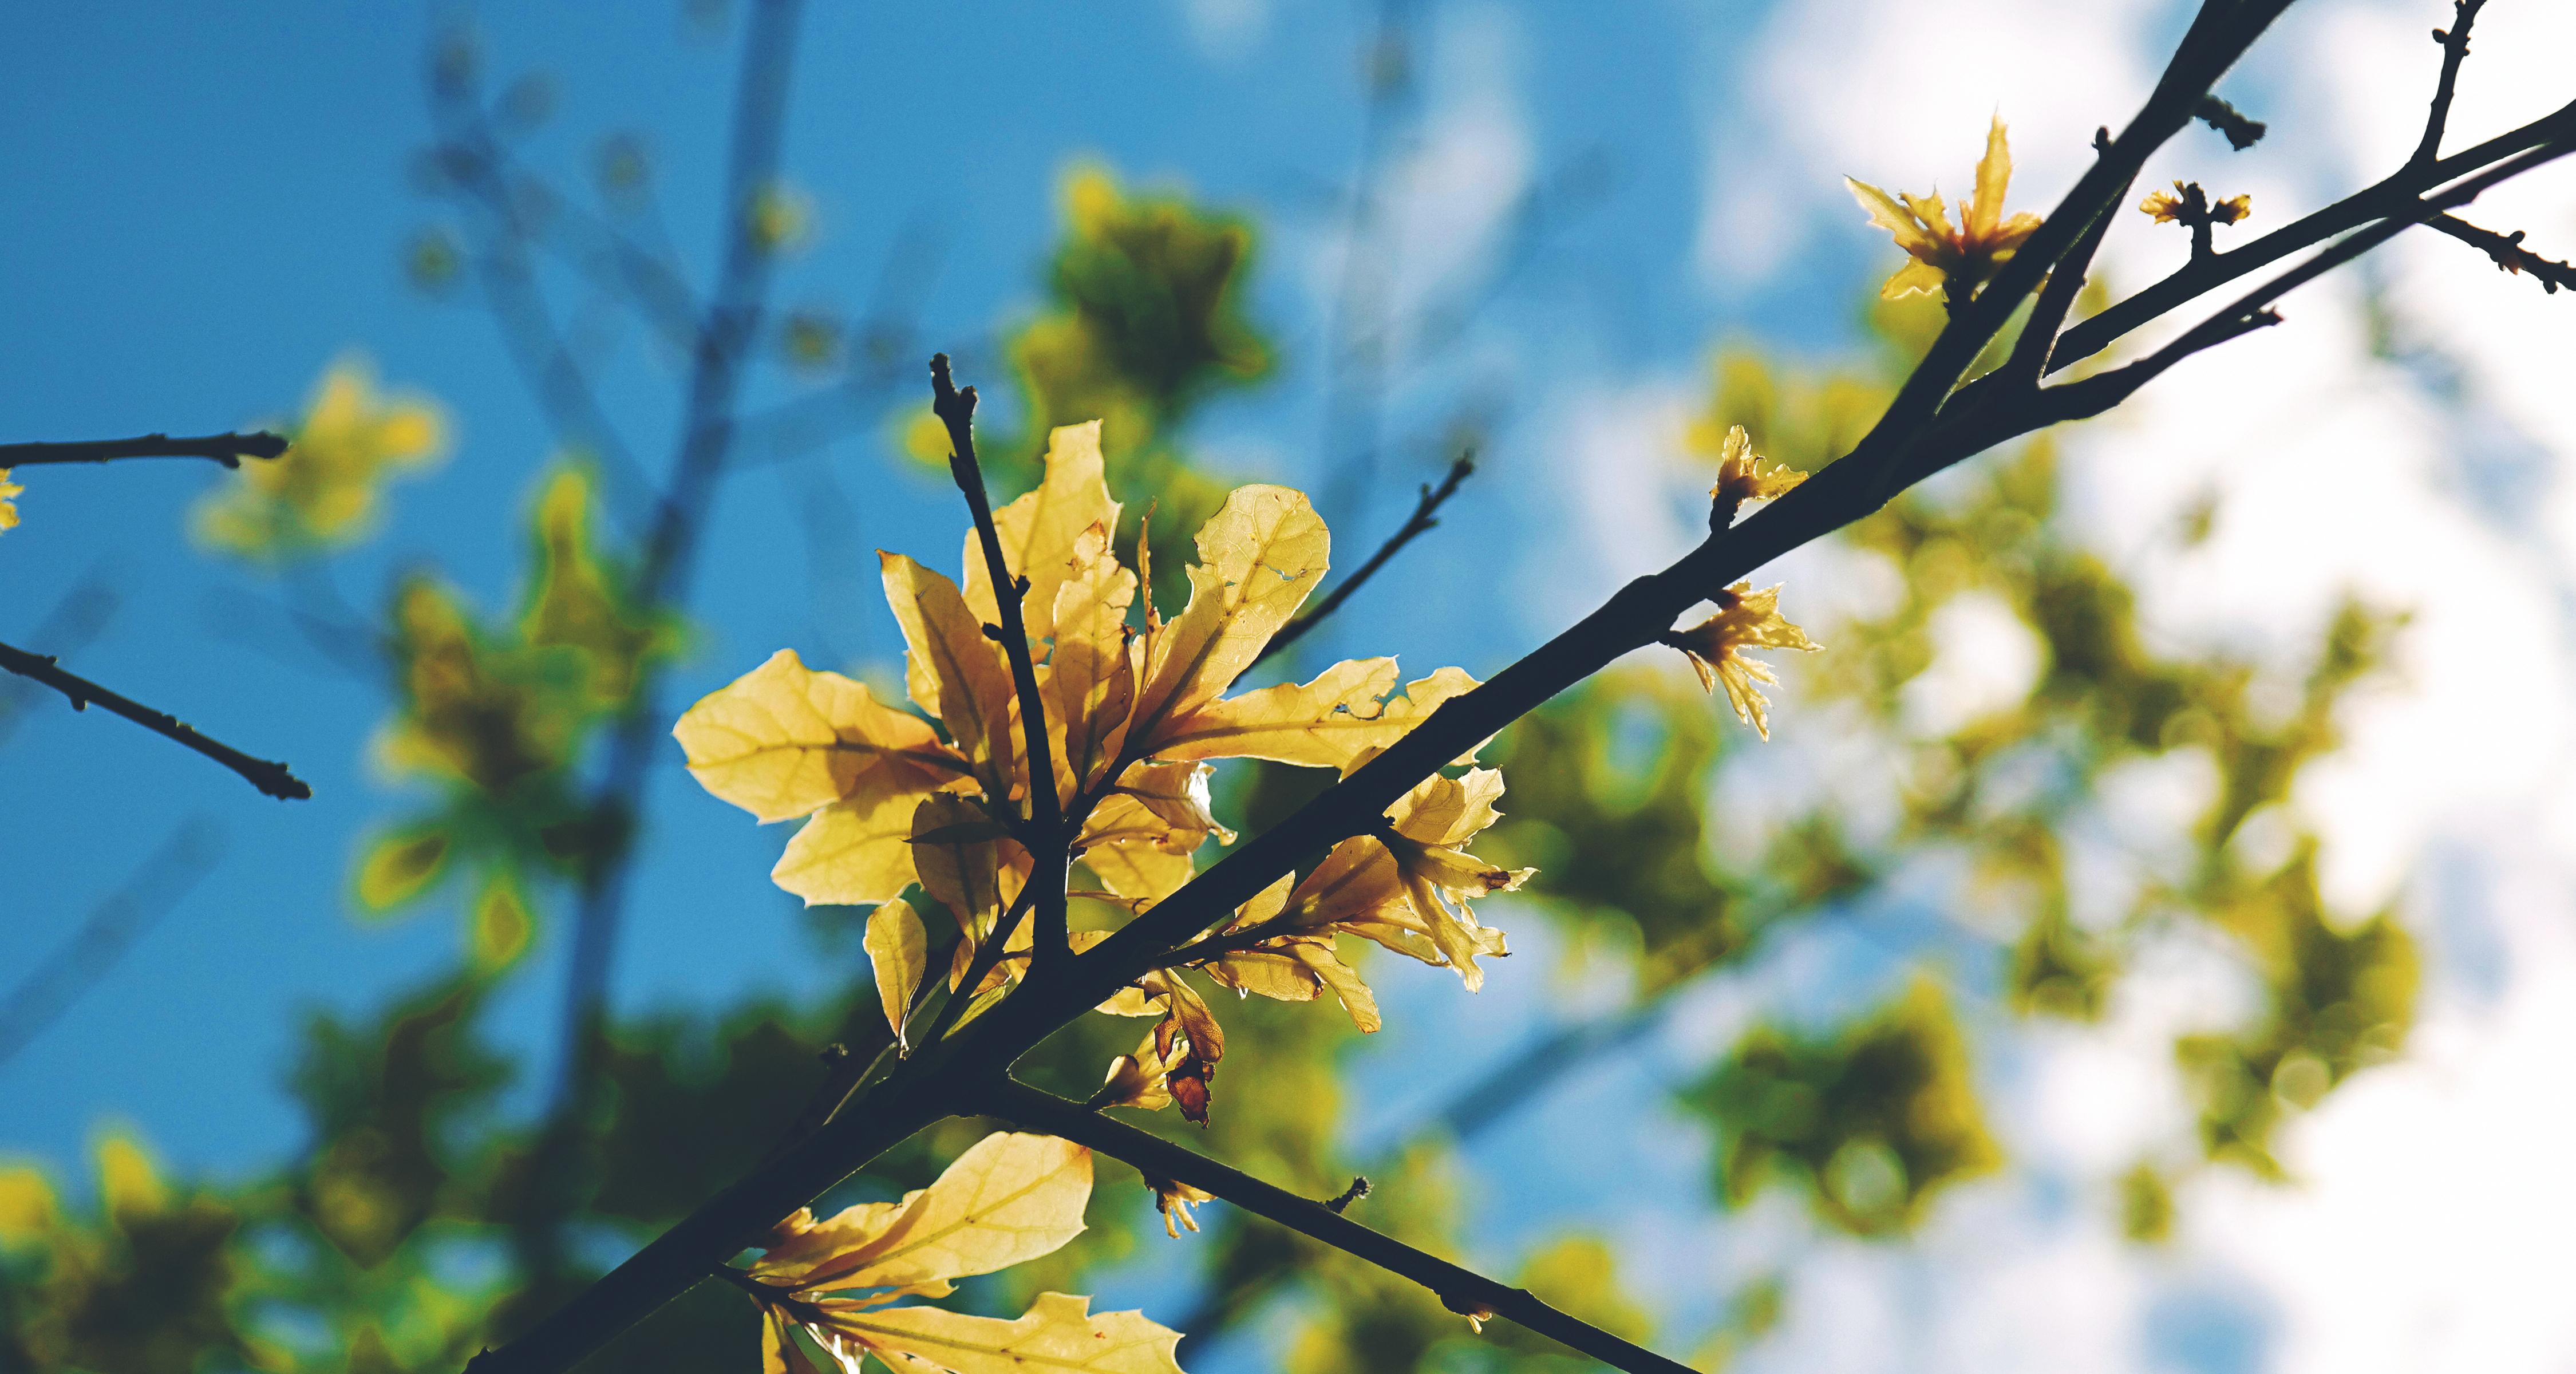 Images Gratuites Arbre La Nature Branche Fleur Ciel